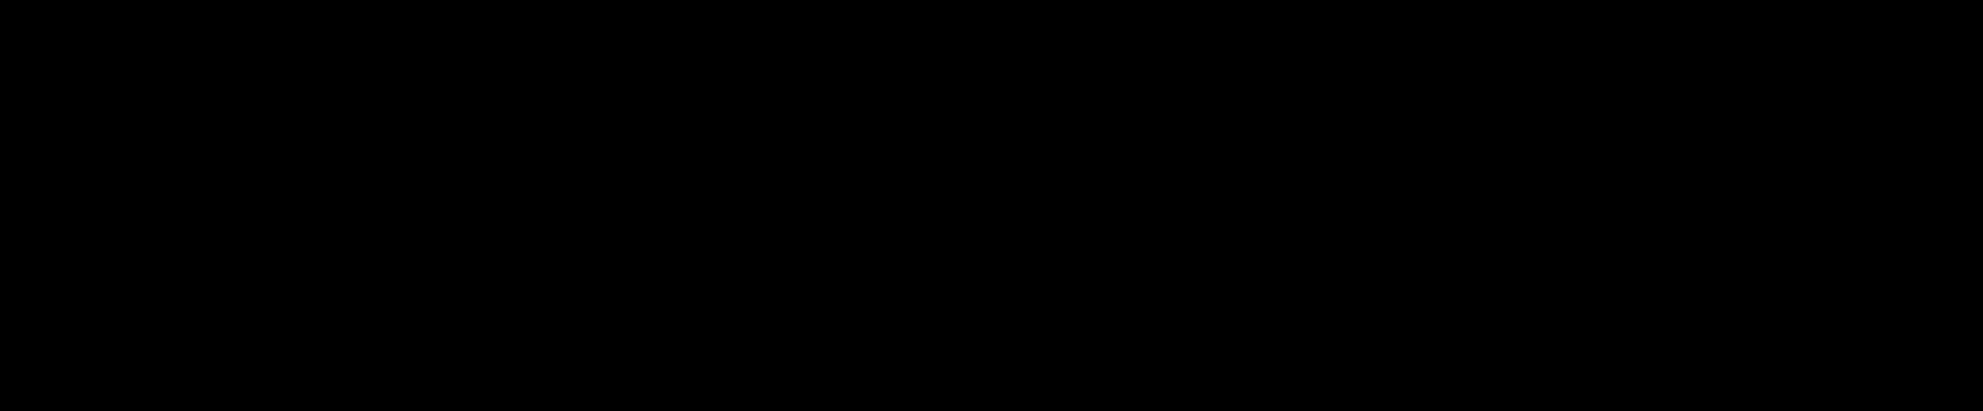 cd-diagram-resnets